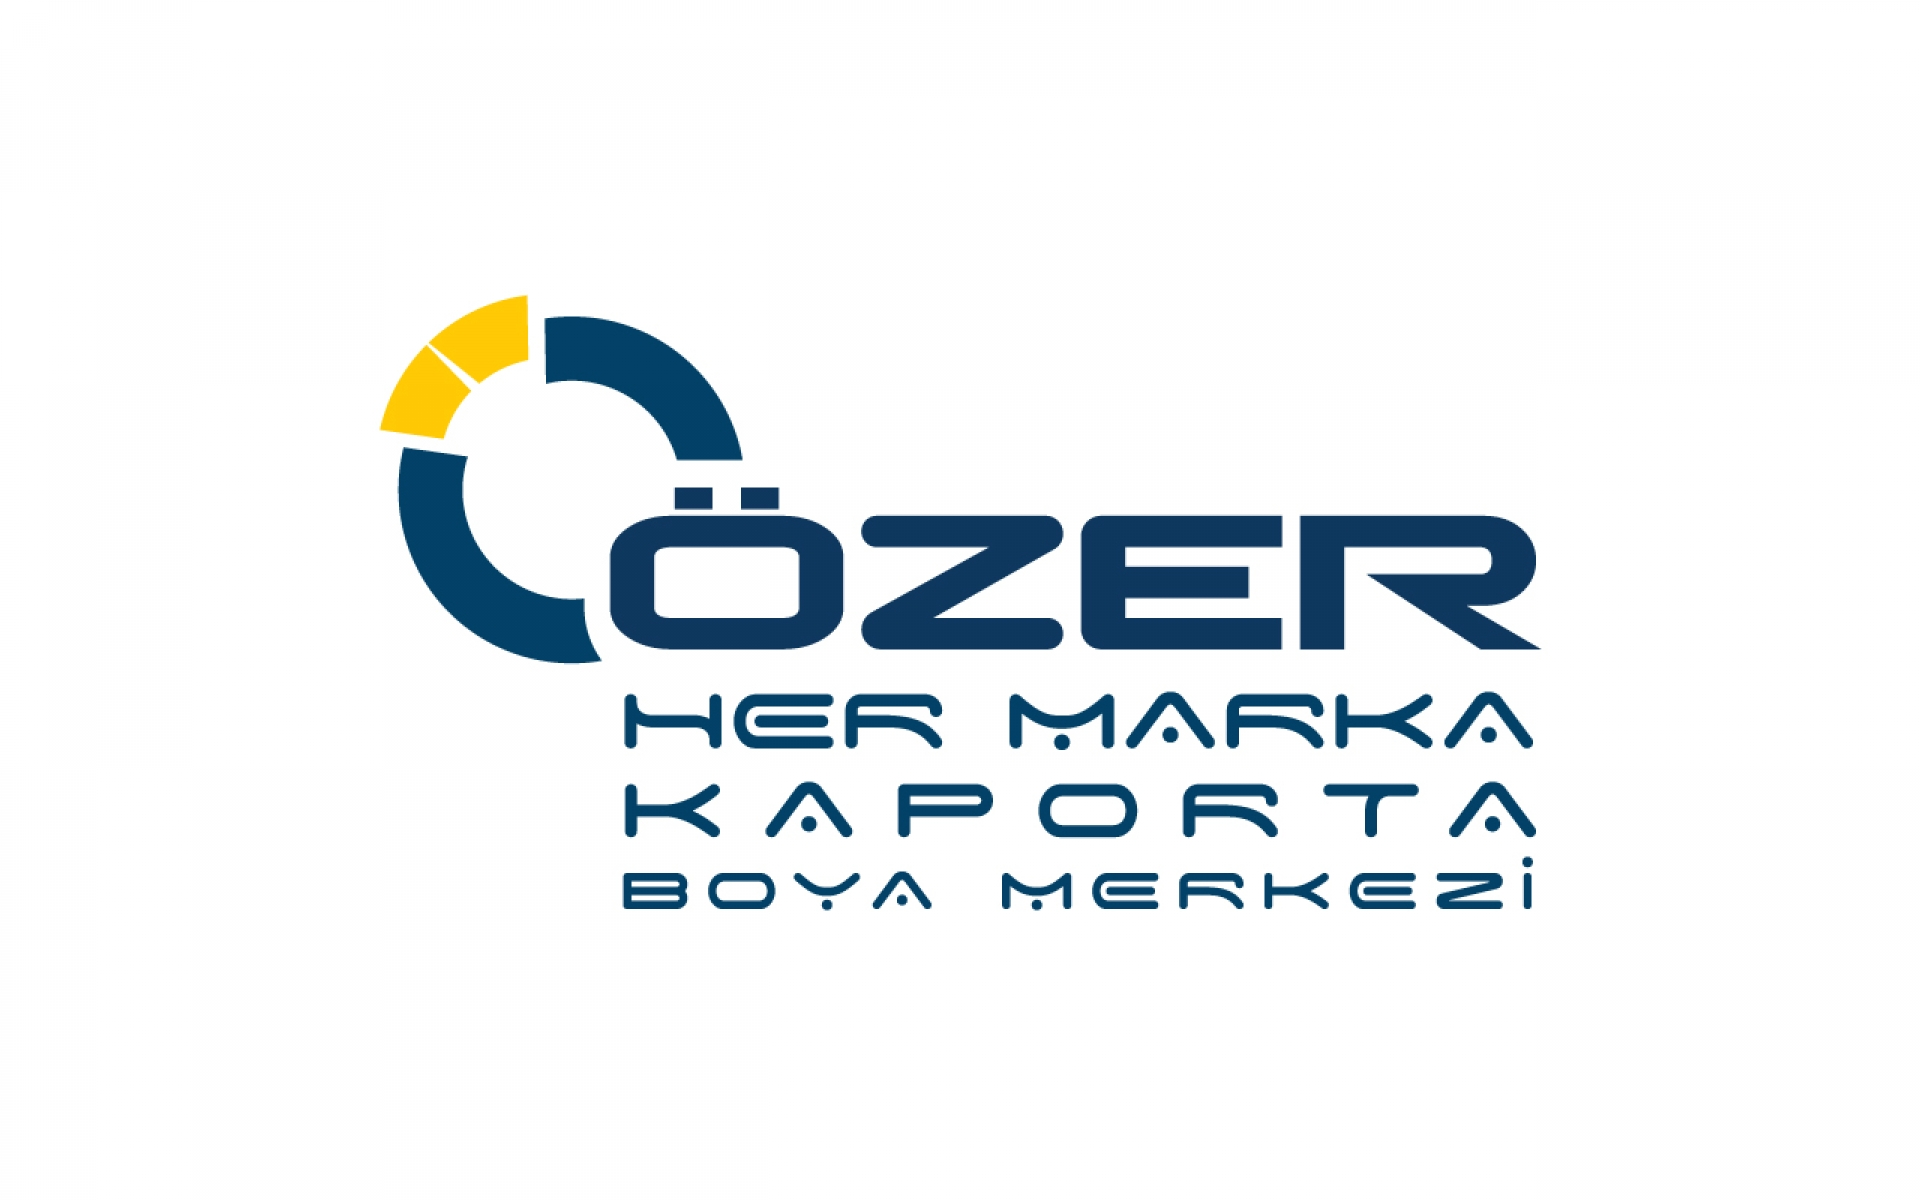 Her Marka Kaporta Boya Servisi Özer Plaza - Bodrum / Yokuşbaşı